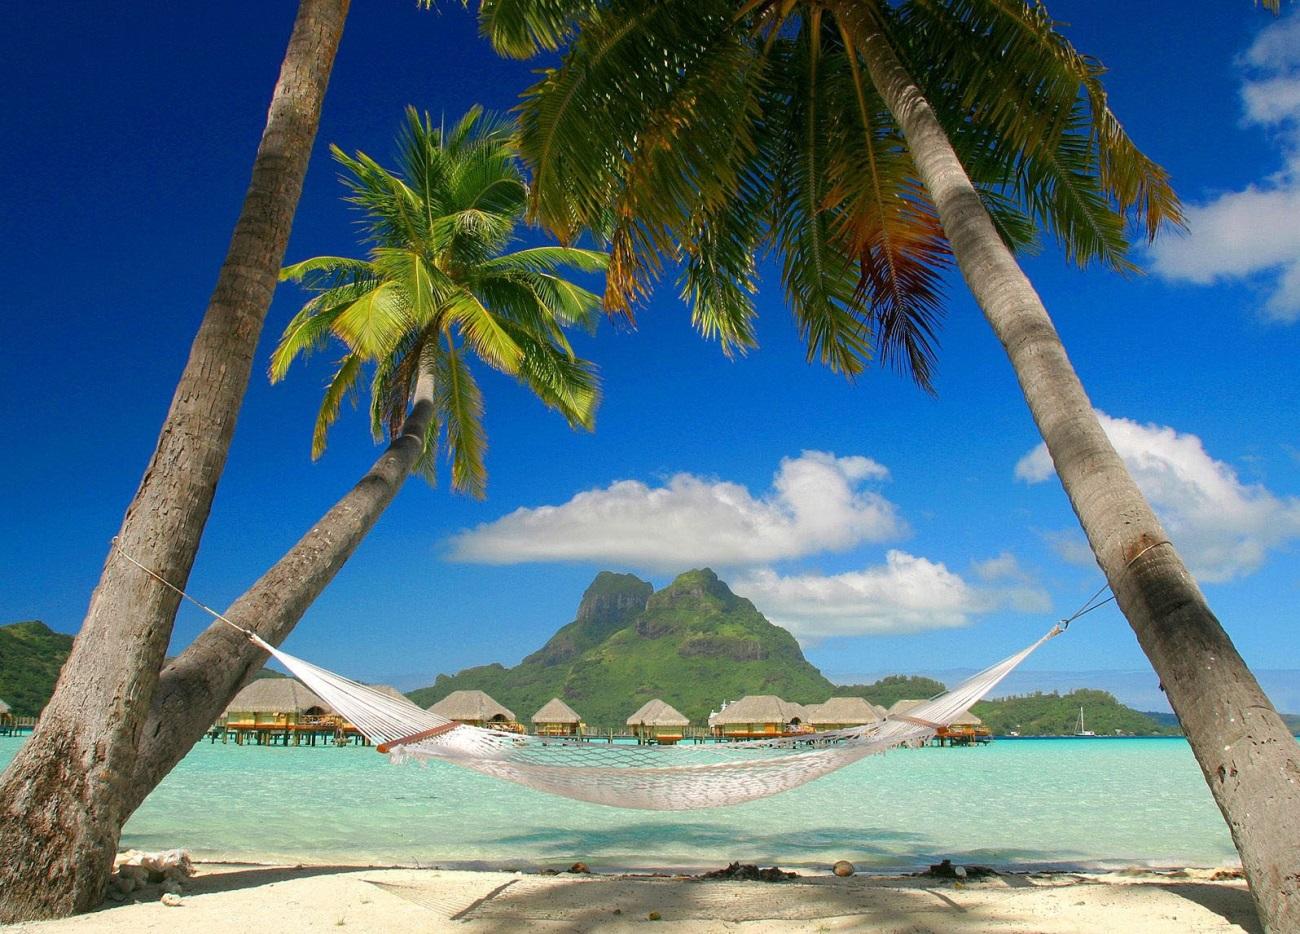 Aprende a disfrutar tus vacaciones.